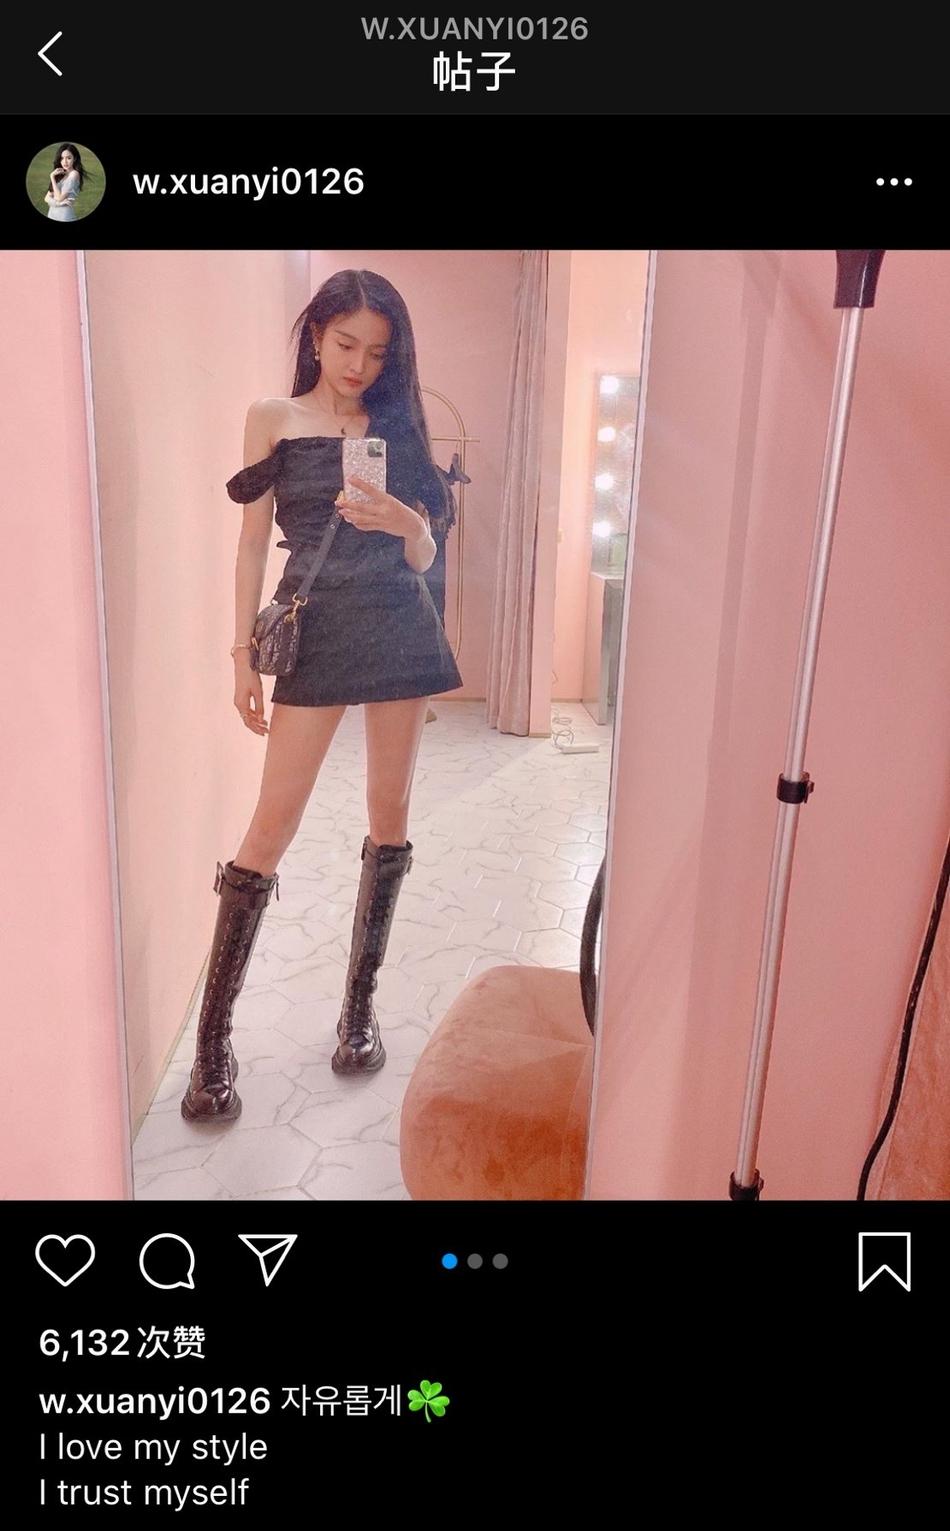 组图:吴宣仪穿抹胸小黑裙配长靴 侧头秀美背直角肩吸睛十足